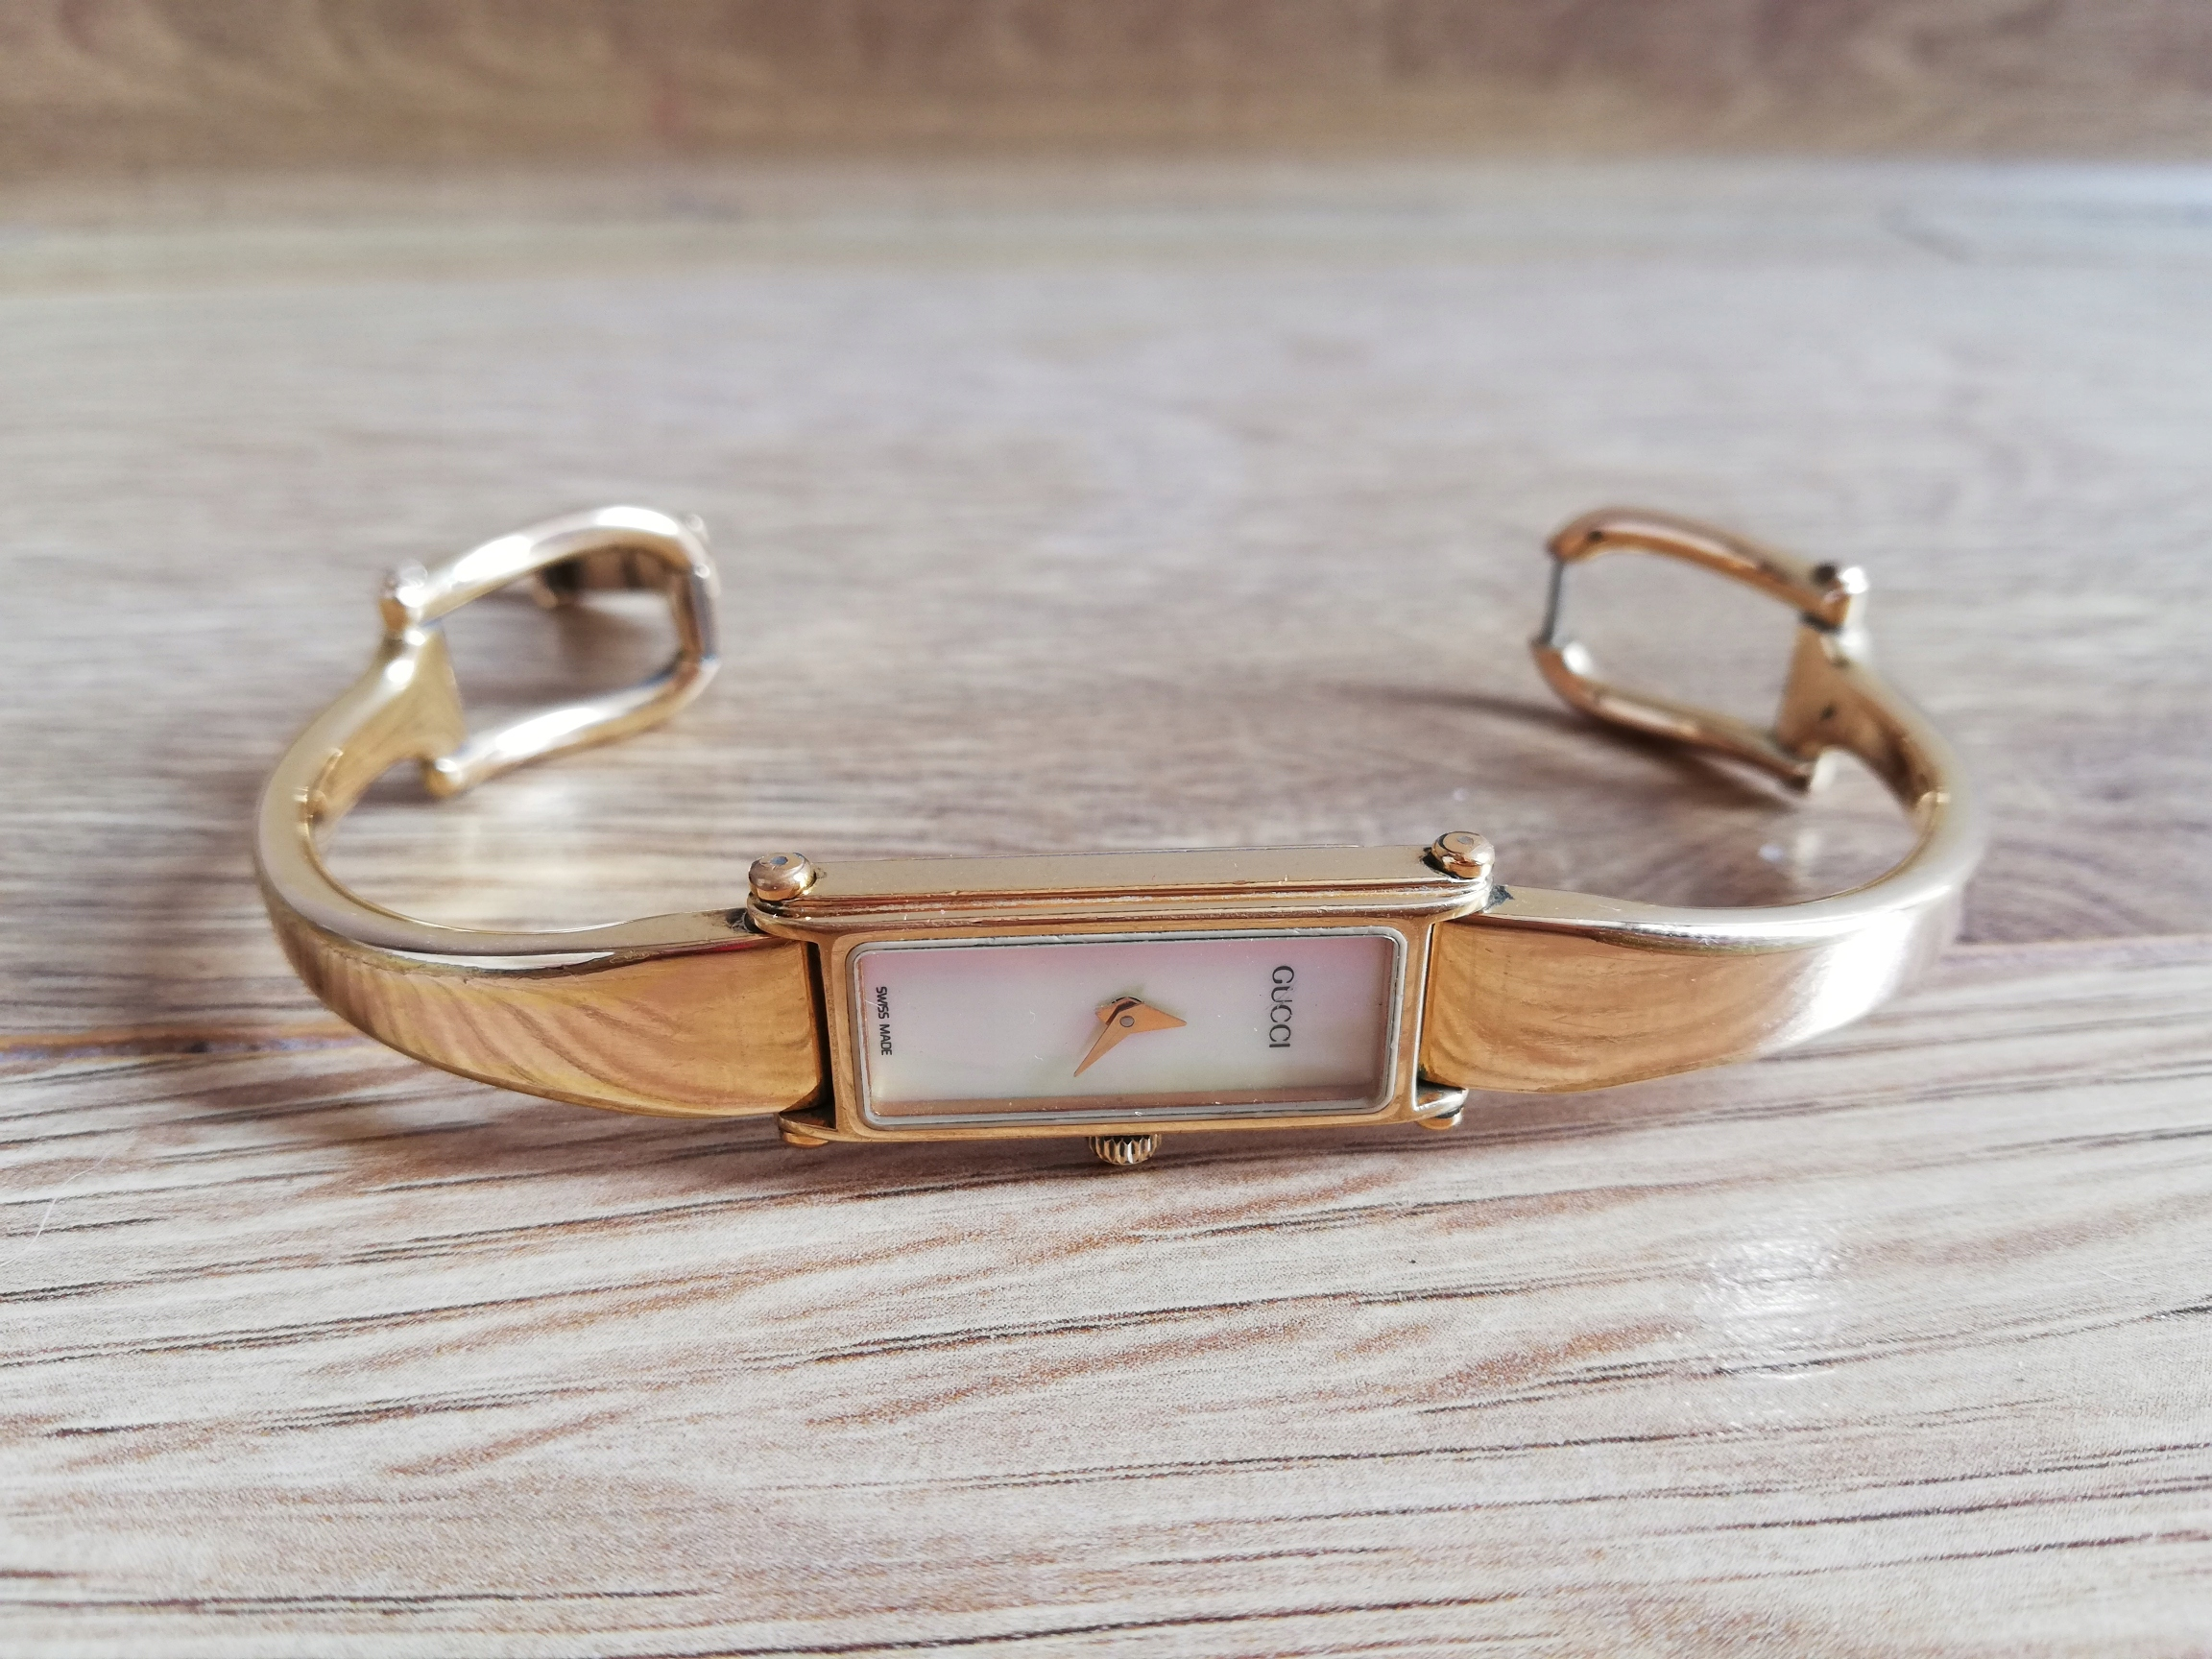 Zegarek Gucci oryginalny 1500 pozłacany